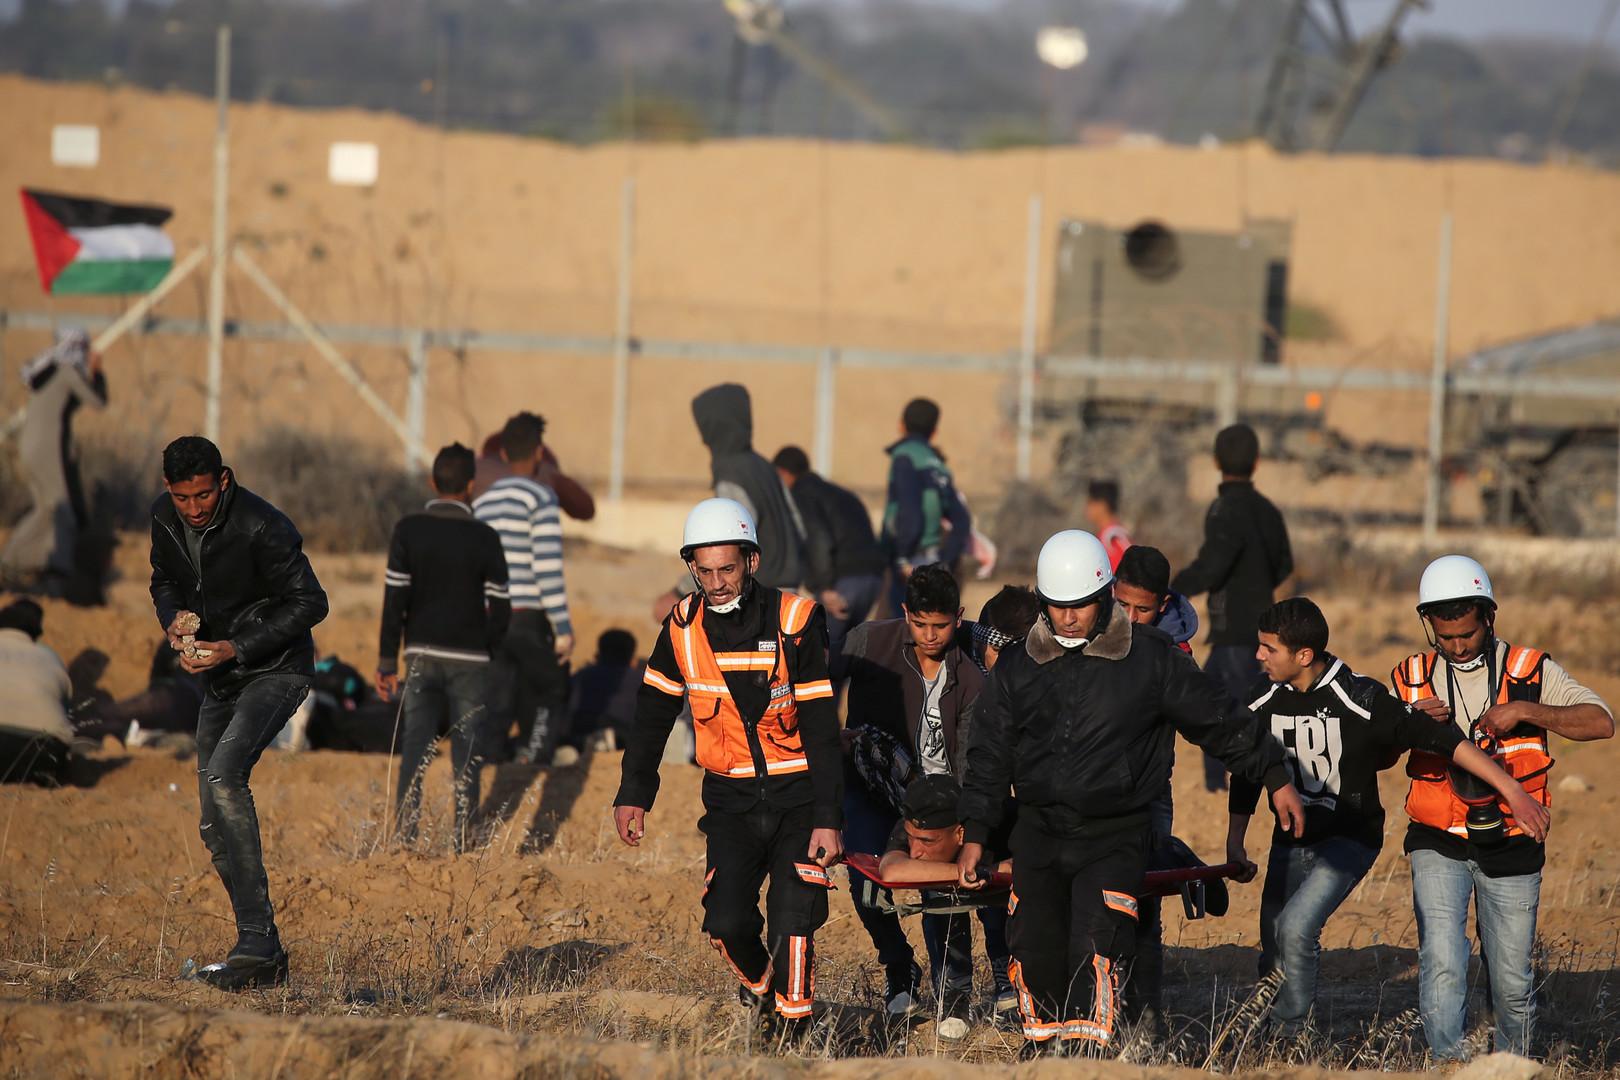 نقل فلسطيني أصيب بجروح أثناء قمع الجيش الإسرائيلي لمسيرة شرقي قطاع غزة